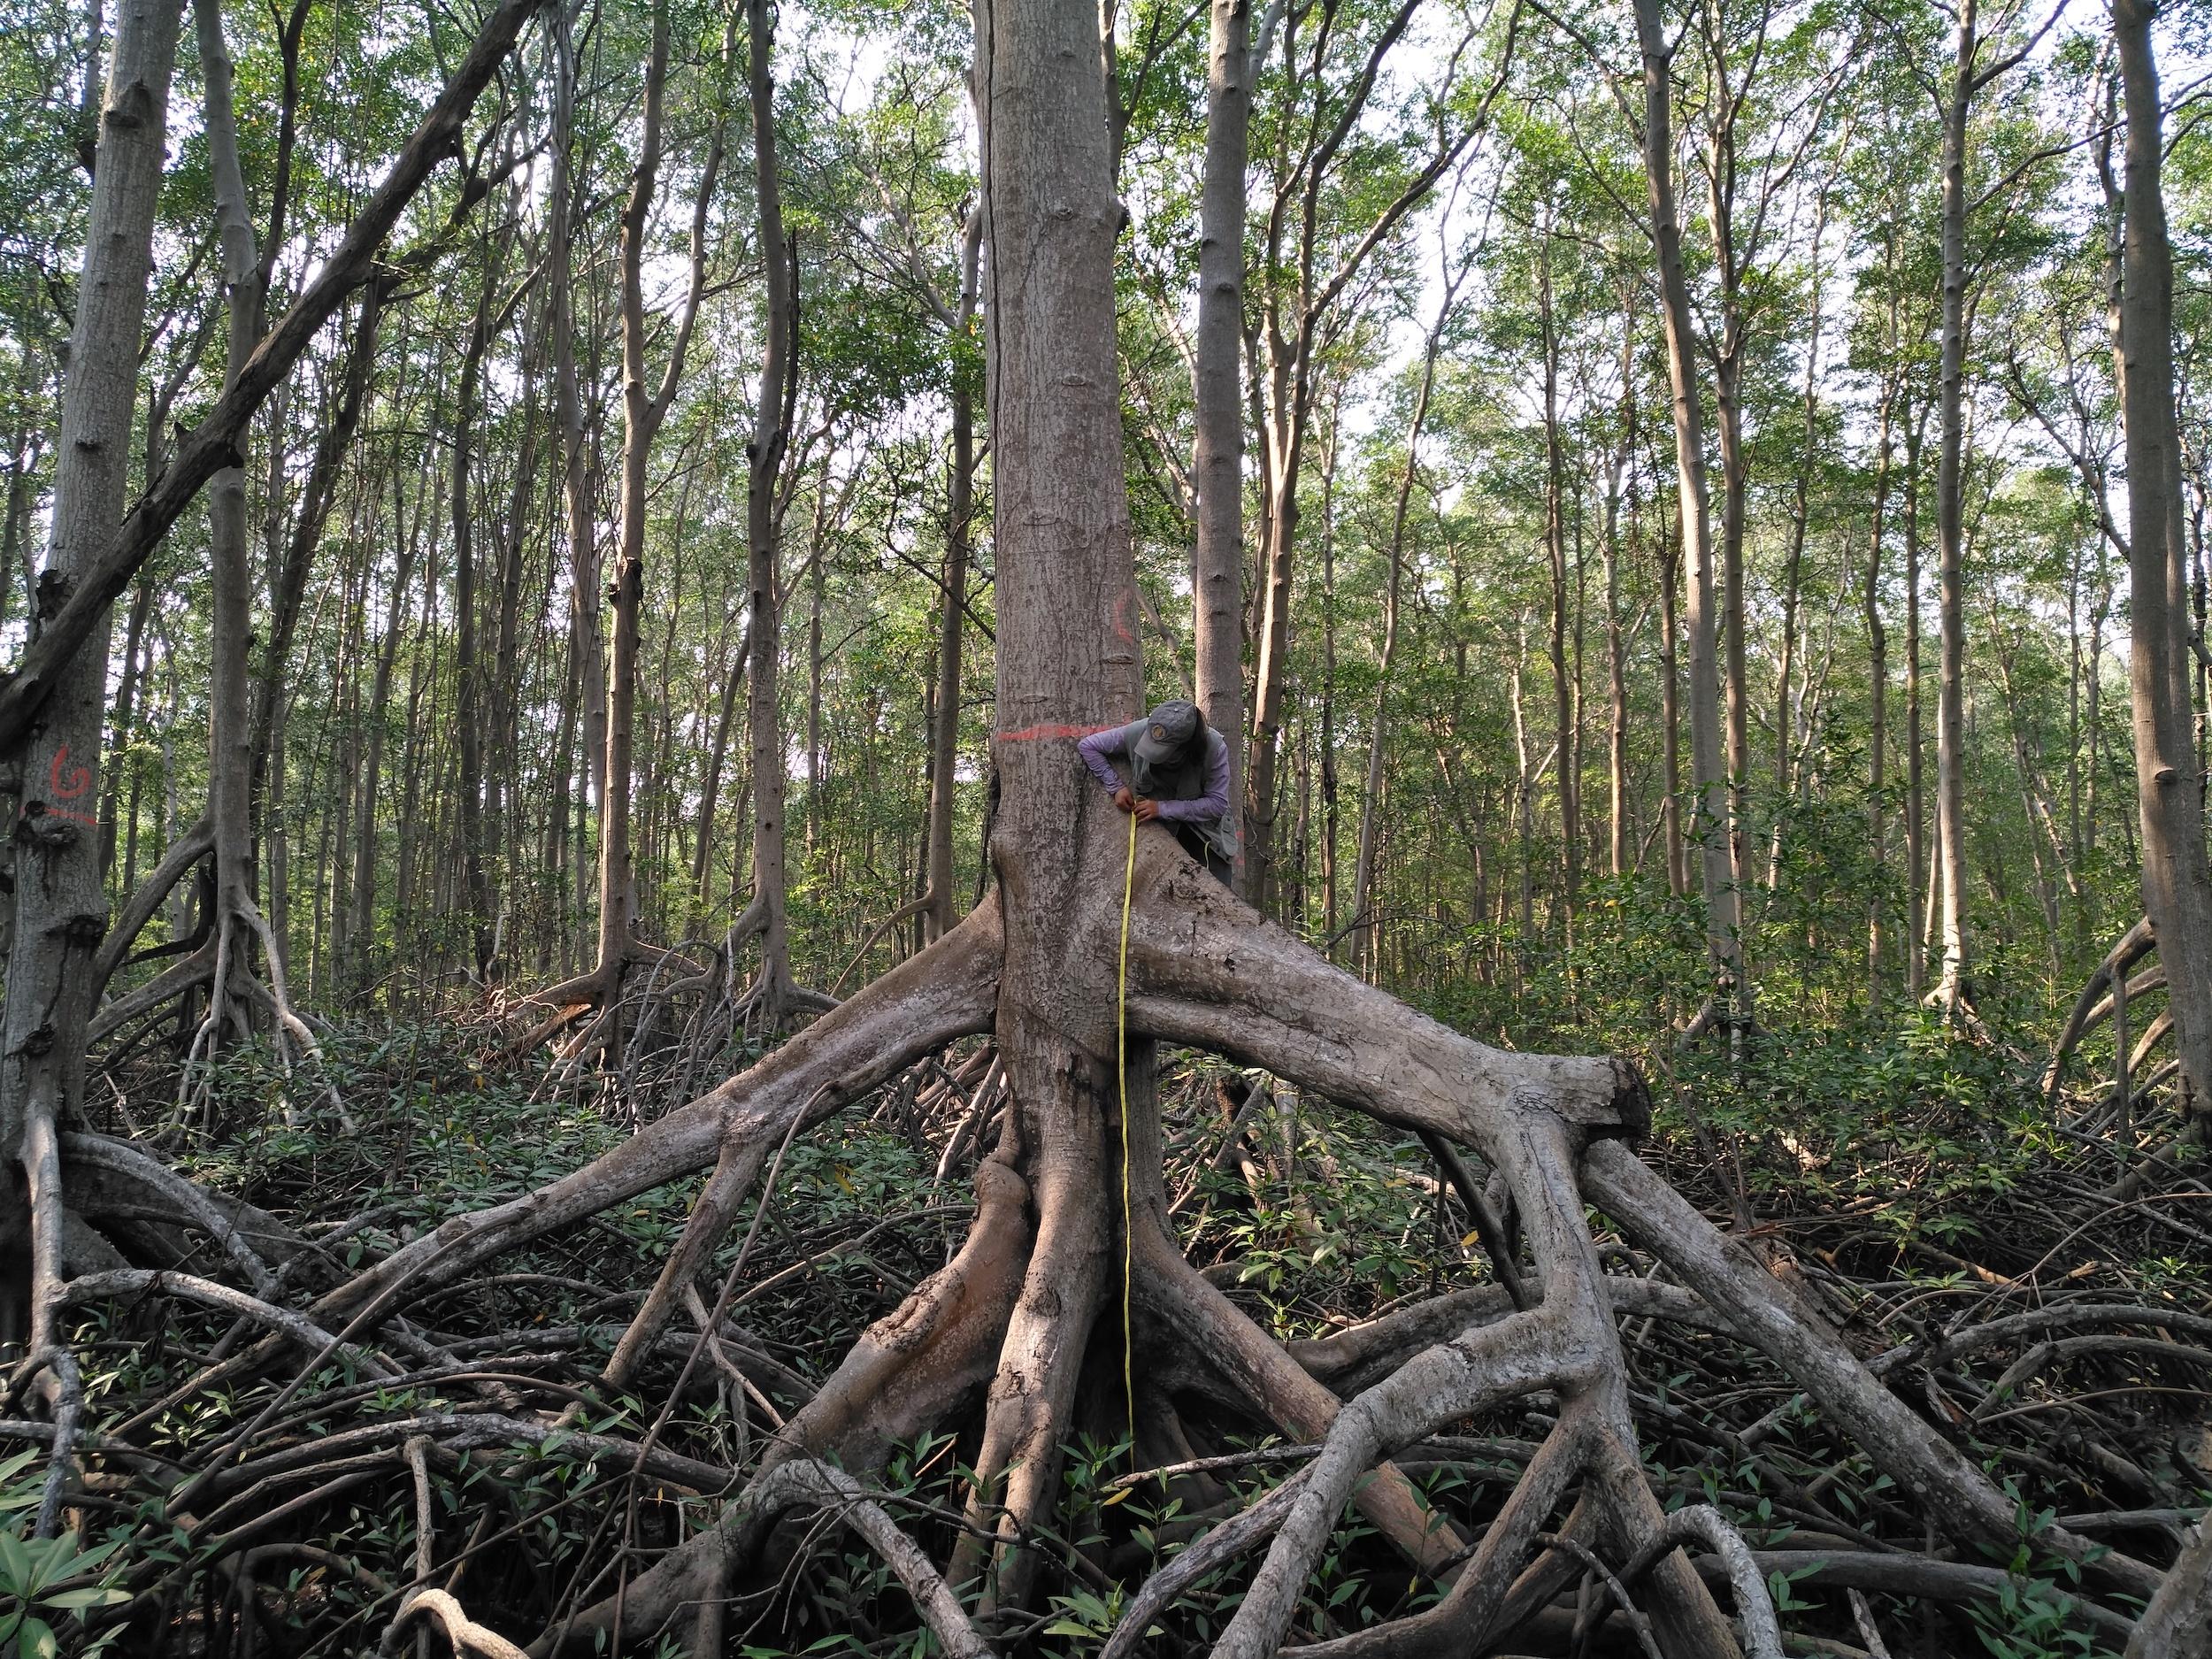 Conservación en Guatemala. Técnico forestal mide las raíces de un mangle rojo en playa Las Lisas del departamento de Santa Rosa, Guatemala. Foto: César J. Zacarías-Coxic/INAB.